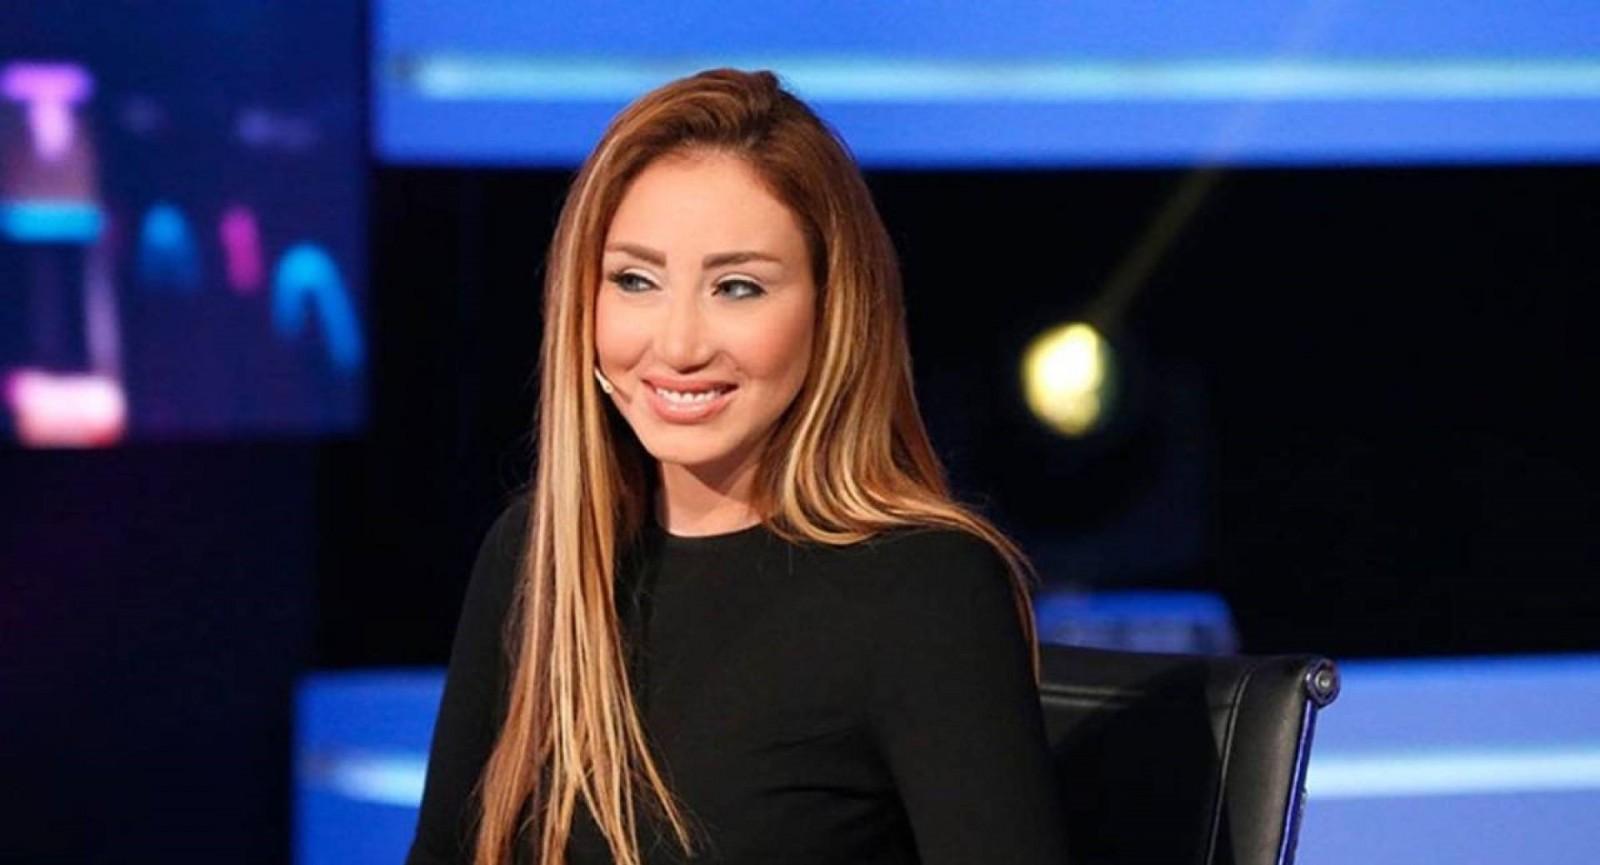 ريهام سعيد تهاجم محمود العسيلي مستعينةً بـ تامر حسني وأديل-بالصور